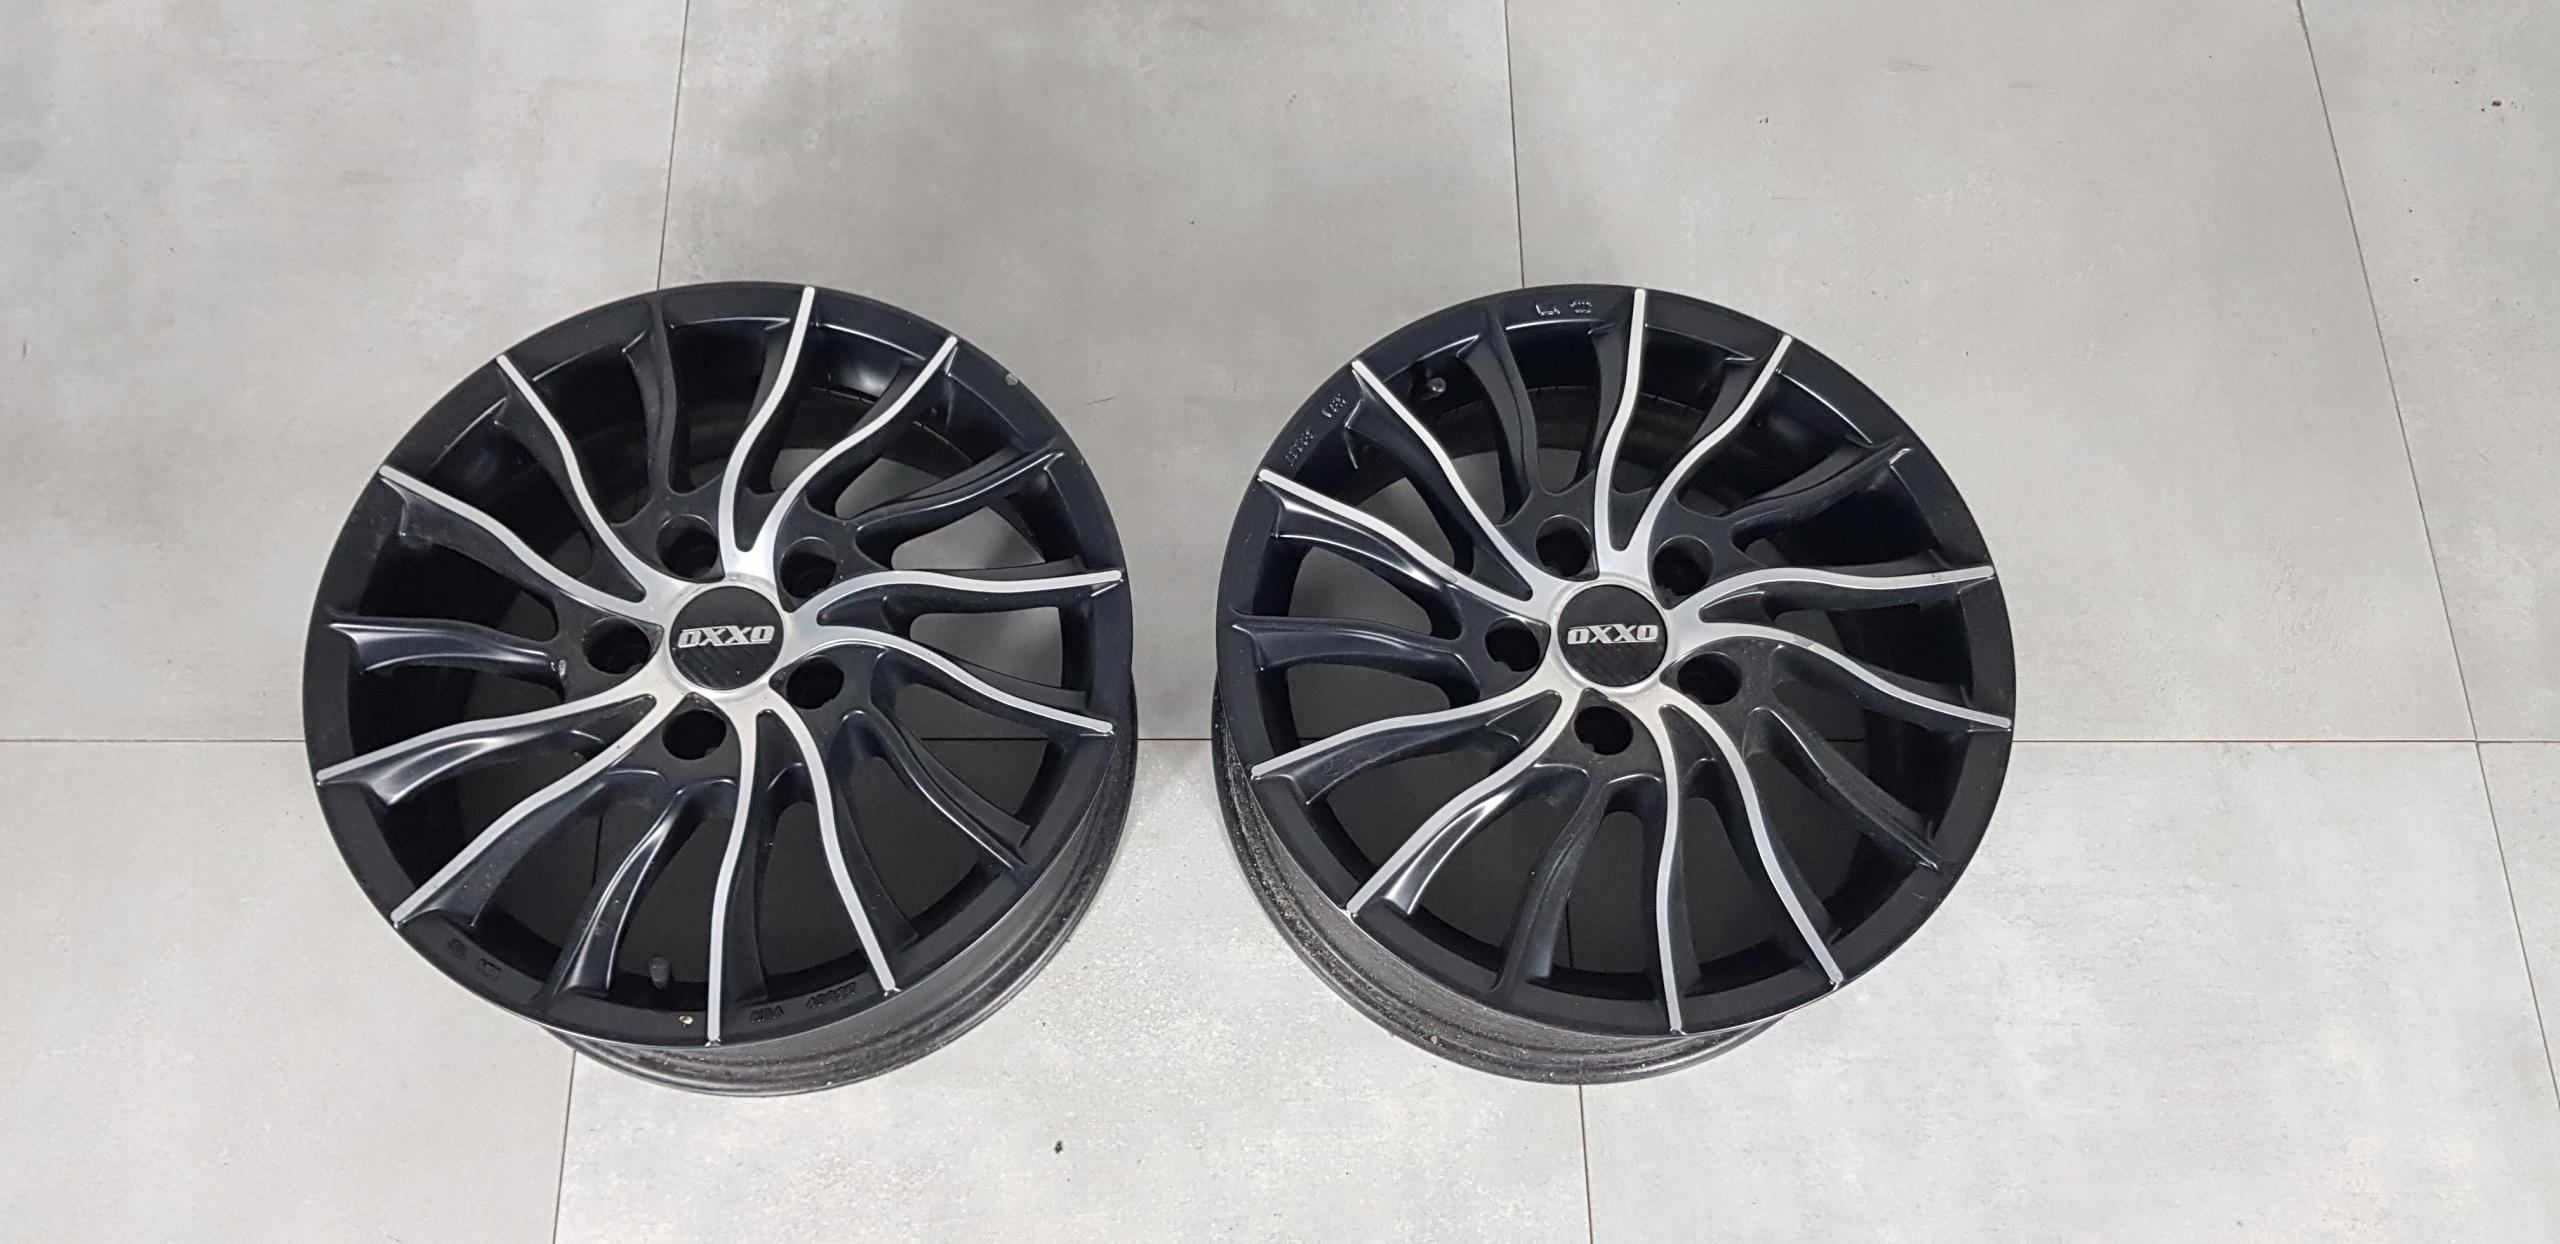 тусон санта fe алюминиевые колёсные диски 16 6.5j et46 5x114.3 купить бу в Красноярске по цене 11440 руб. Z11309754 - iZAP24